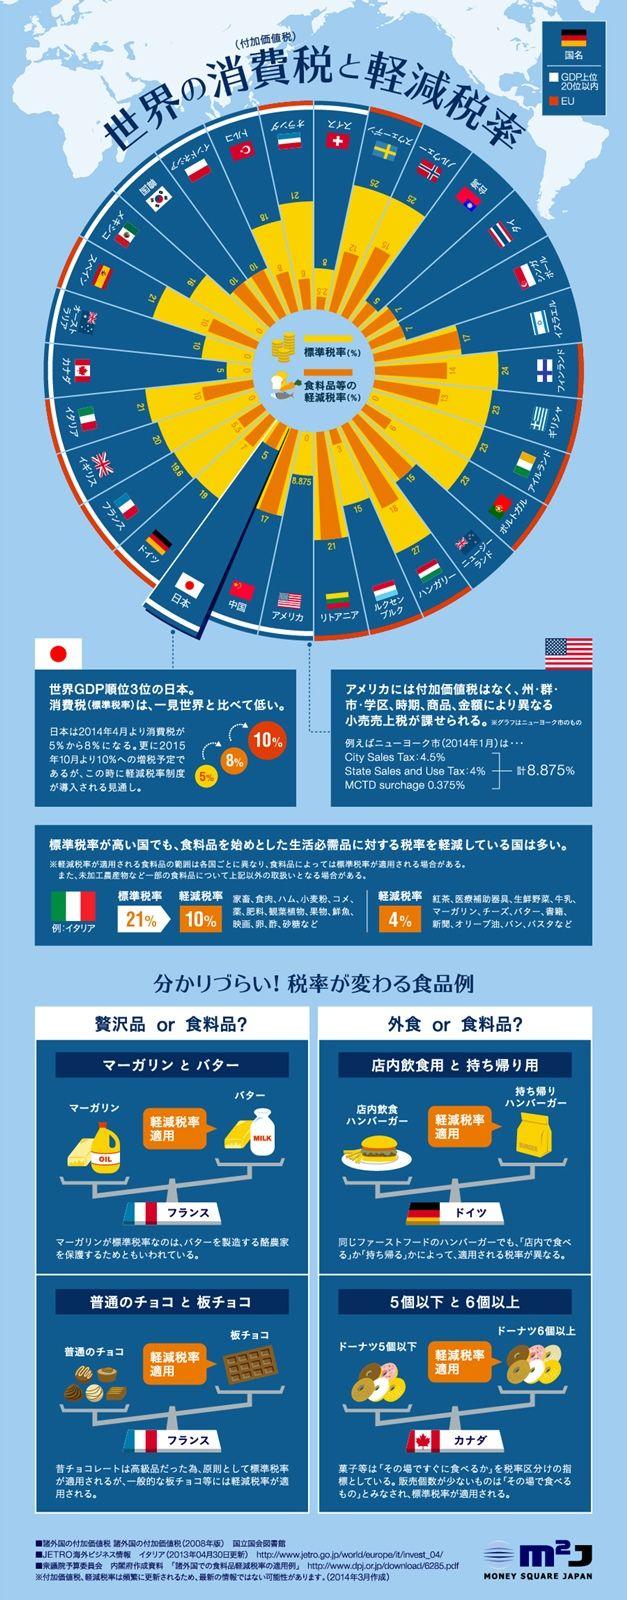 どんな差がある?世界の消費税(付加価値税)と軽減税率